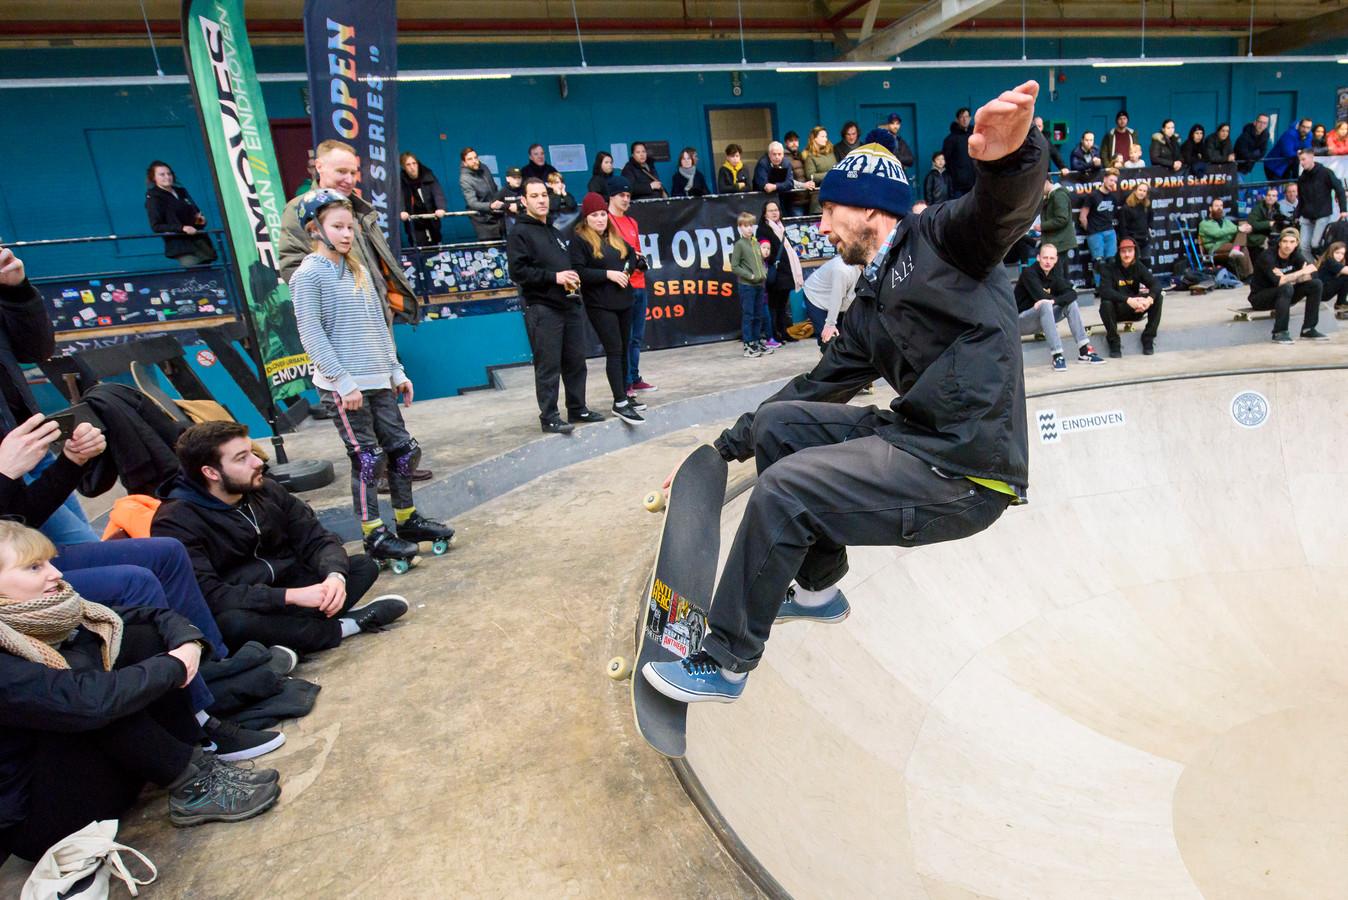 Skateboarder Jeroen Sara tijdens het NK skateboarden (park bowl) in Area 51 op Strijp-S in Eindhoven.